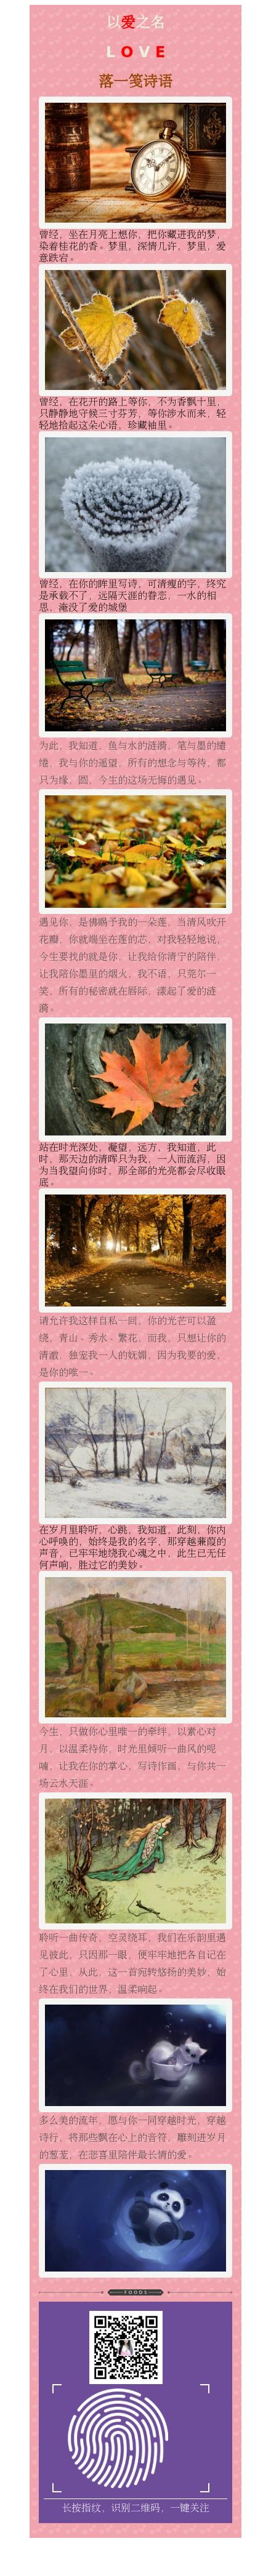 粉色背景文章模板,多彩微信公众号图文消息模板